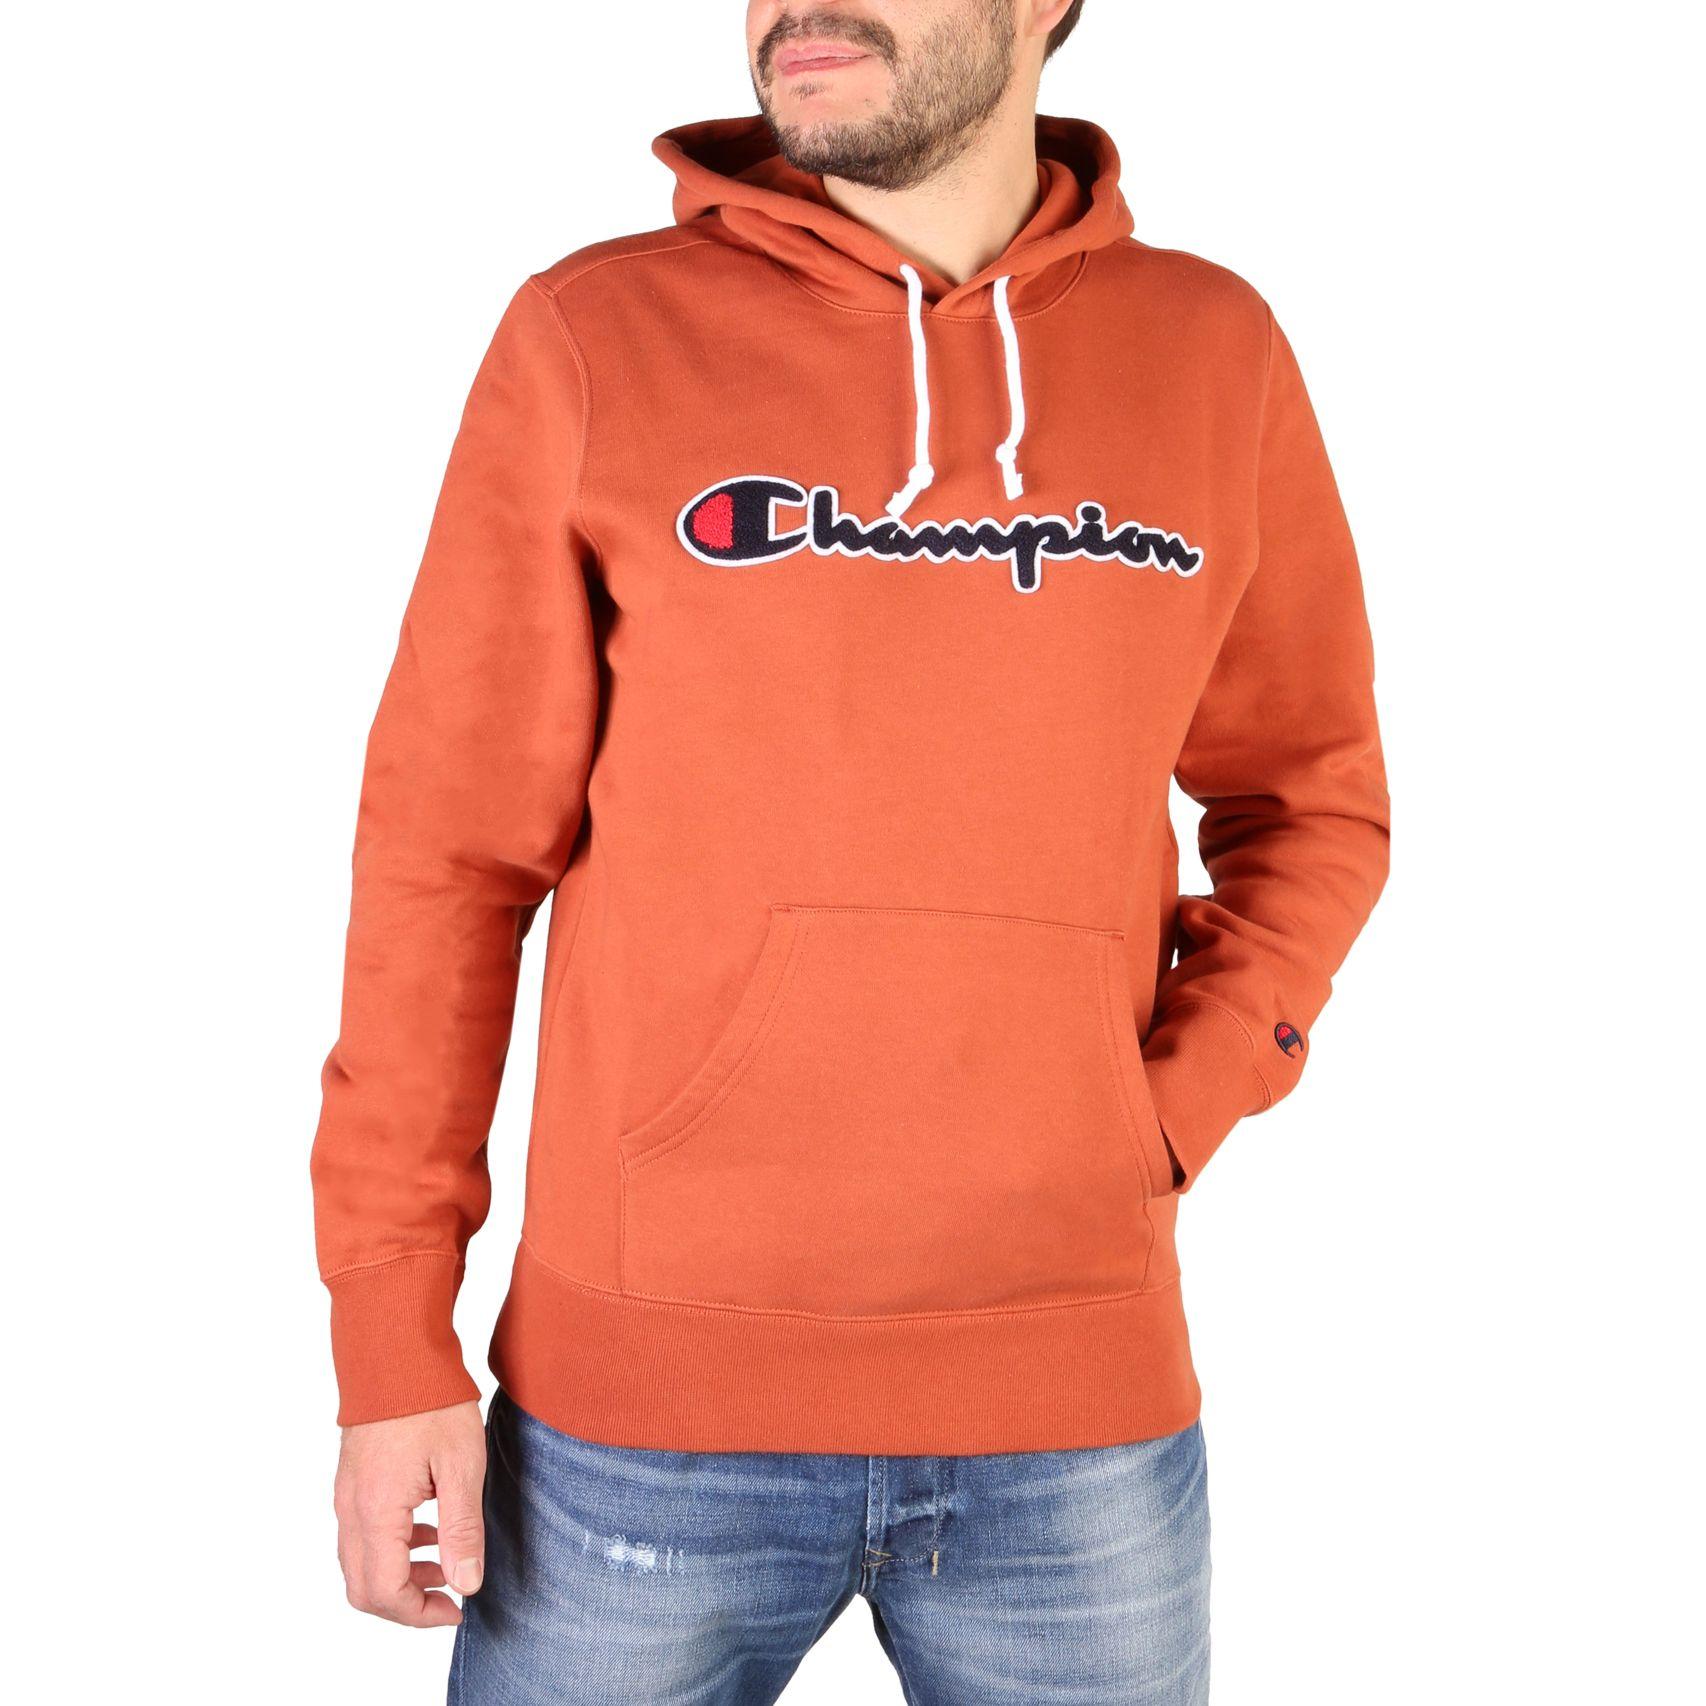 Champion – 213498 – Arancione